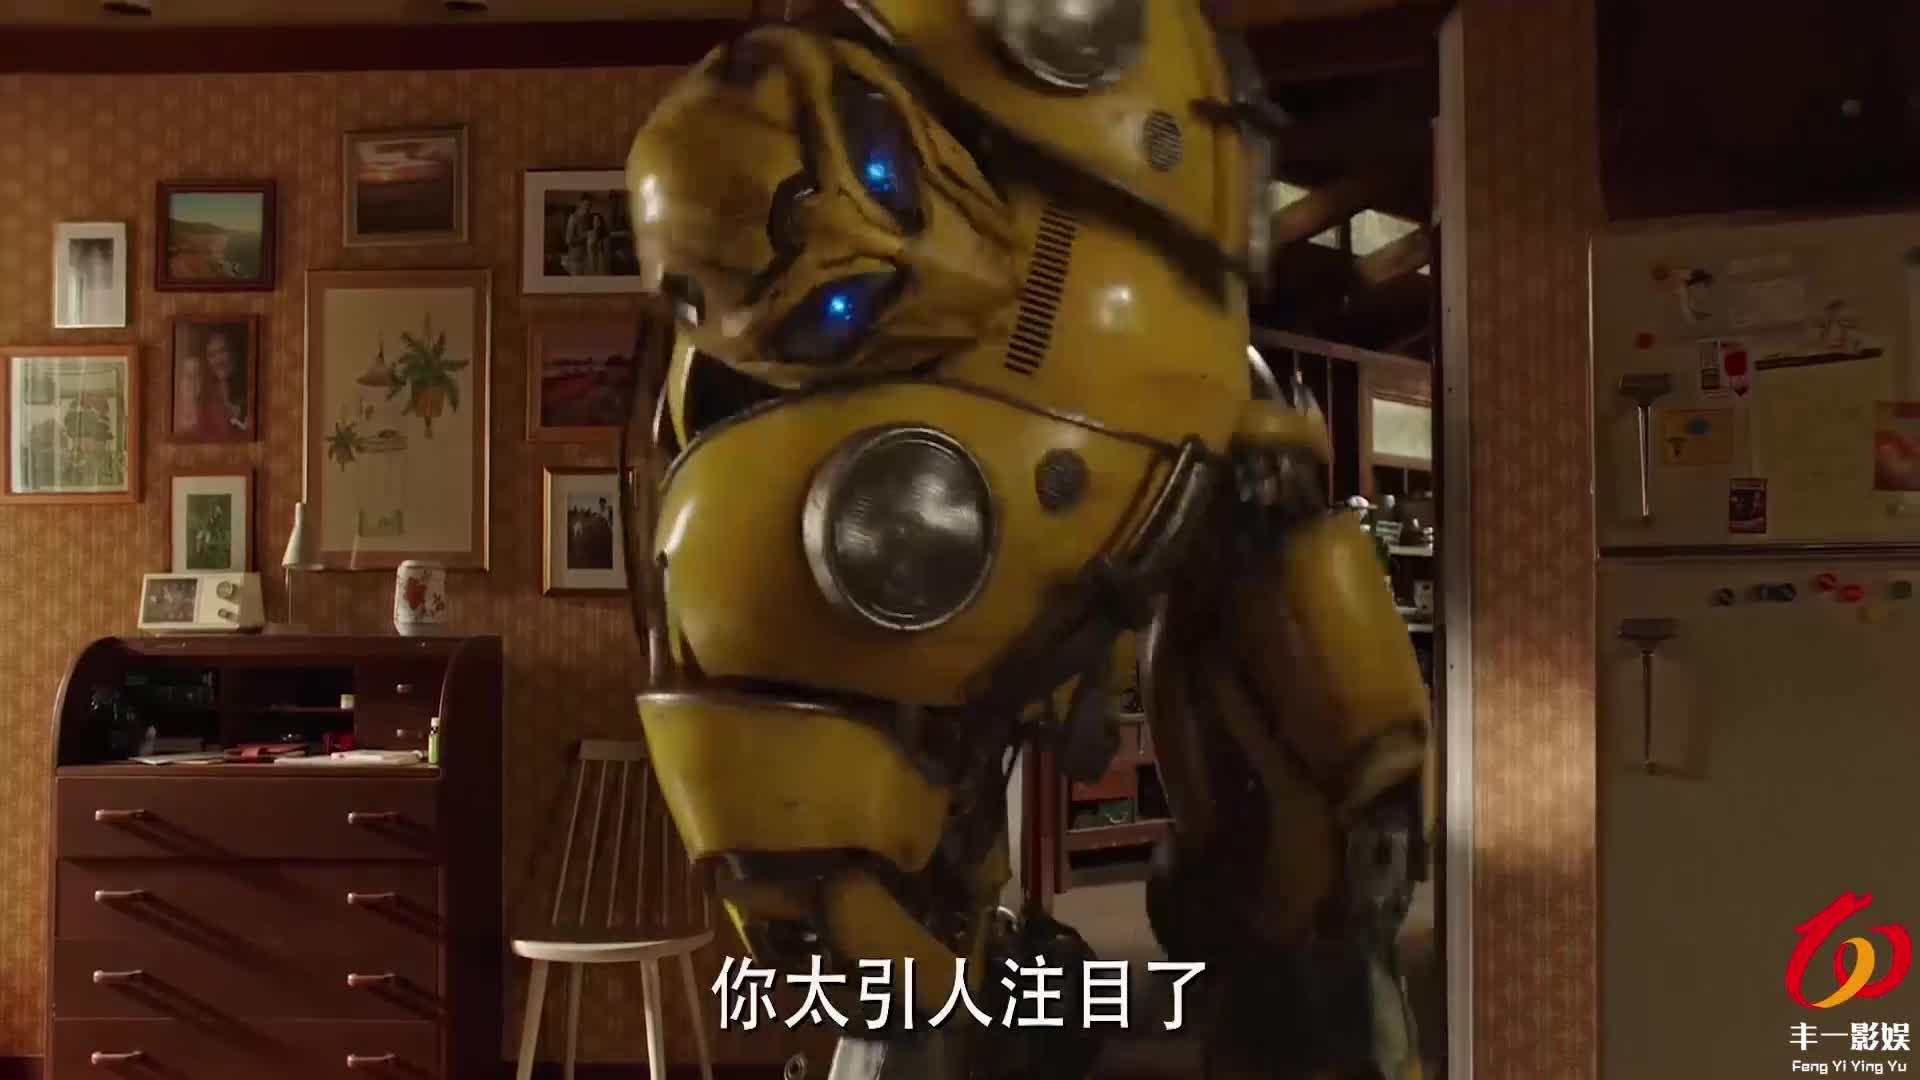 《变形金刚》系列续作《大黄蜂》重磅归来,预告片提前感受机甲美